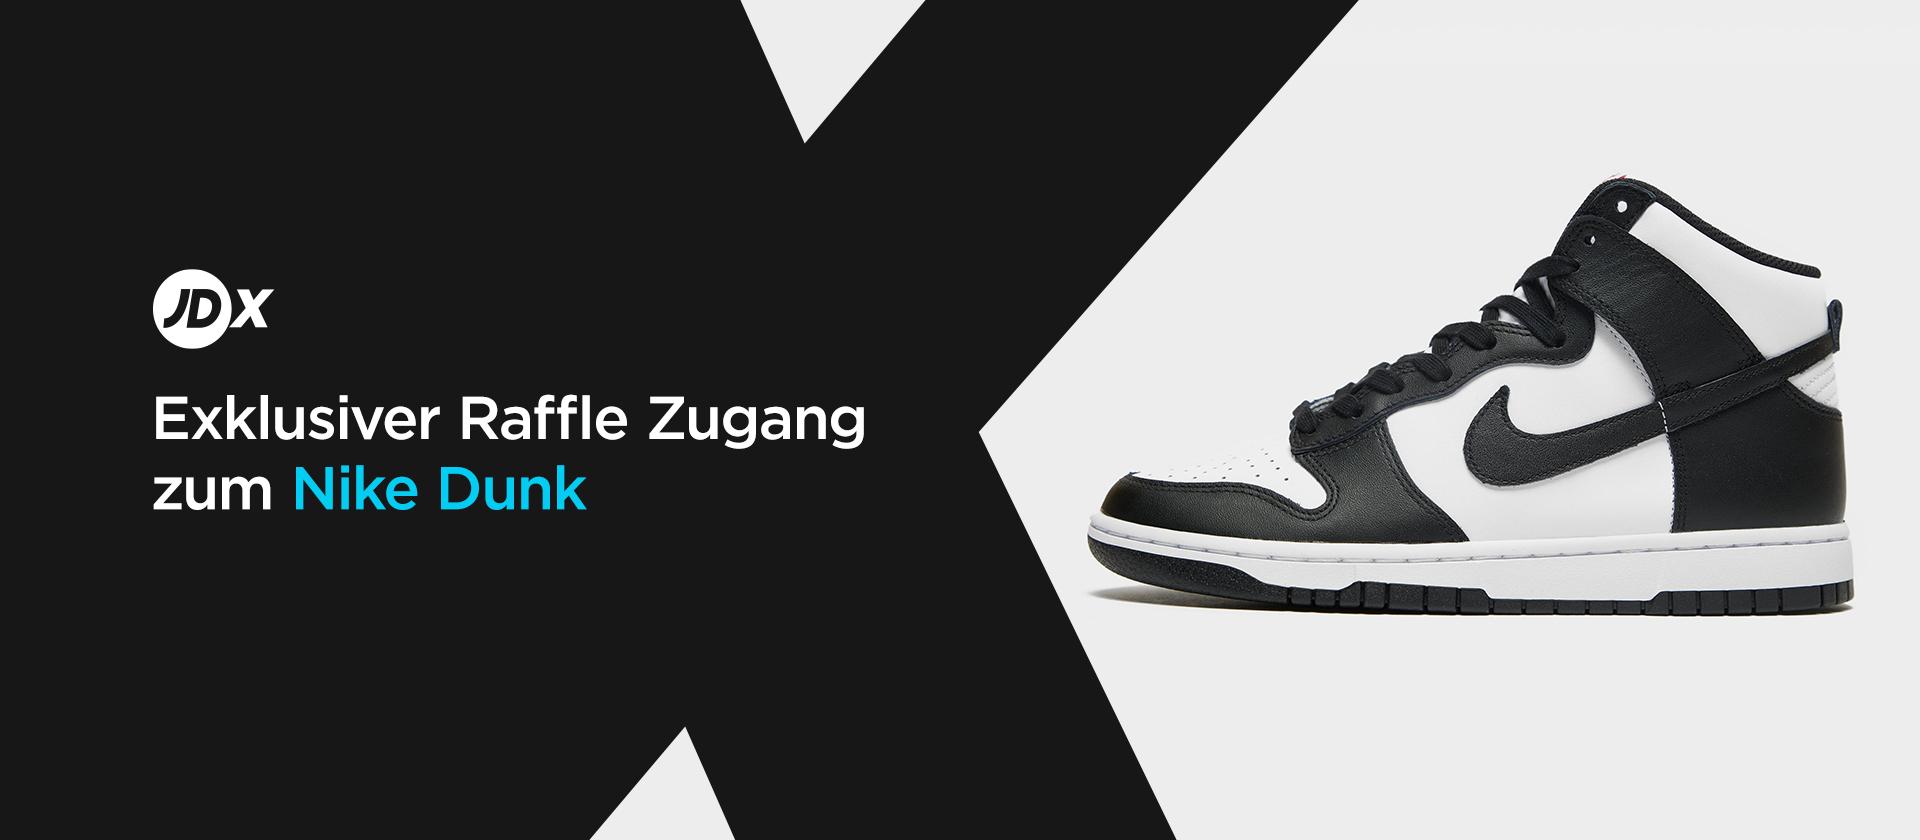 Exklusiver Zugang zum Nike Dunk in Schwarz-Weiß